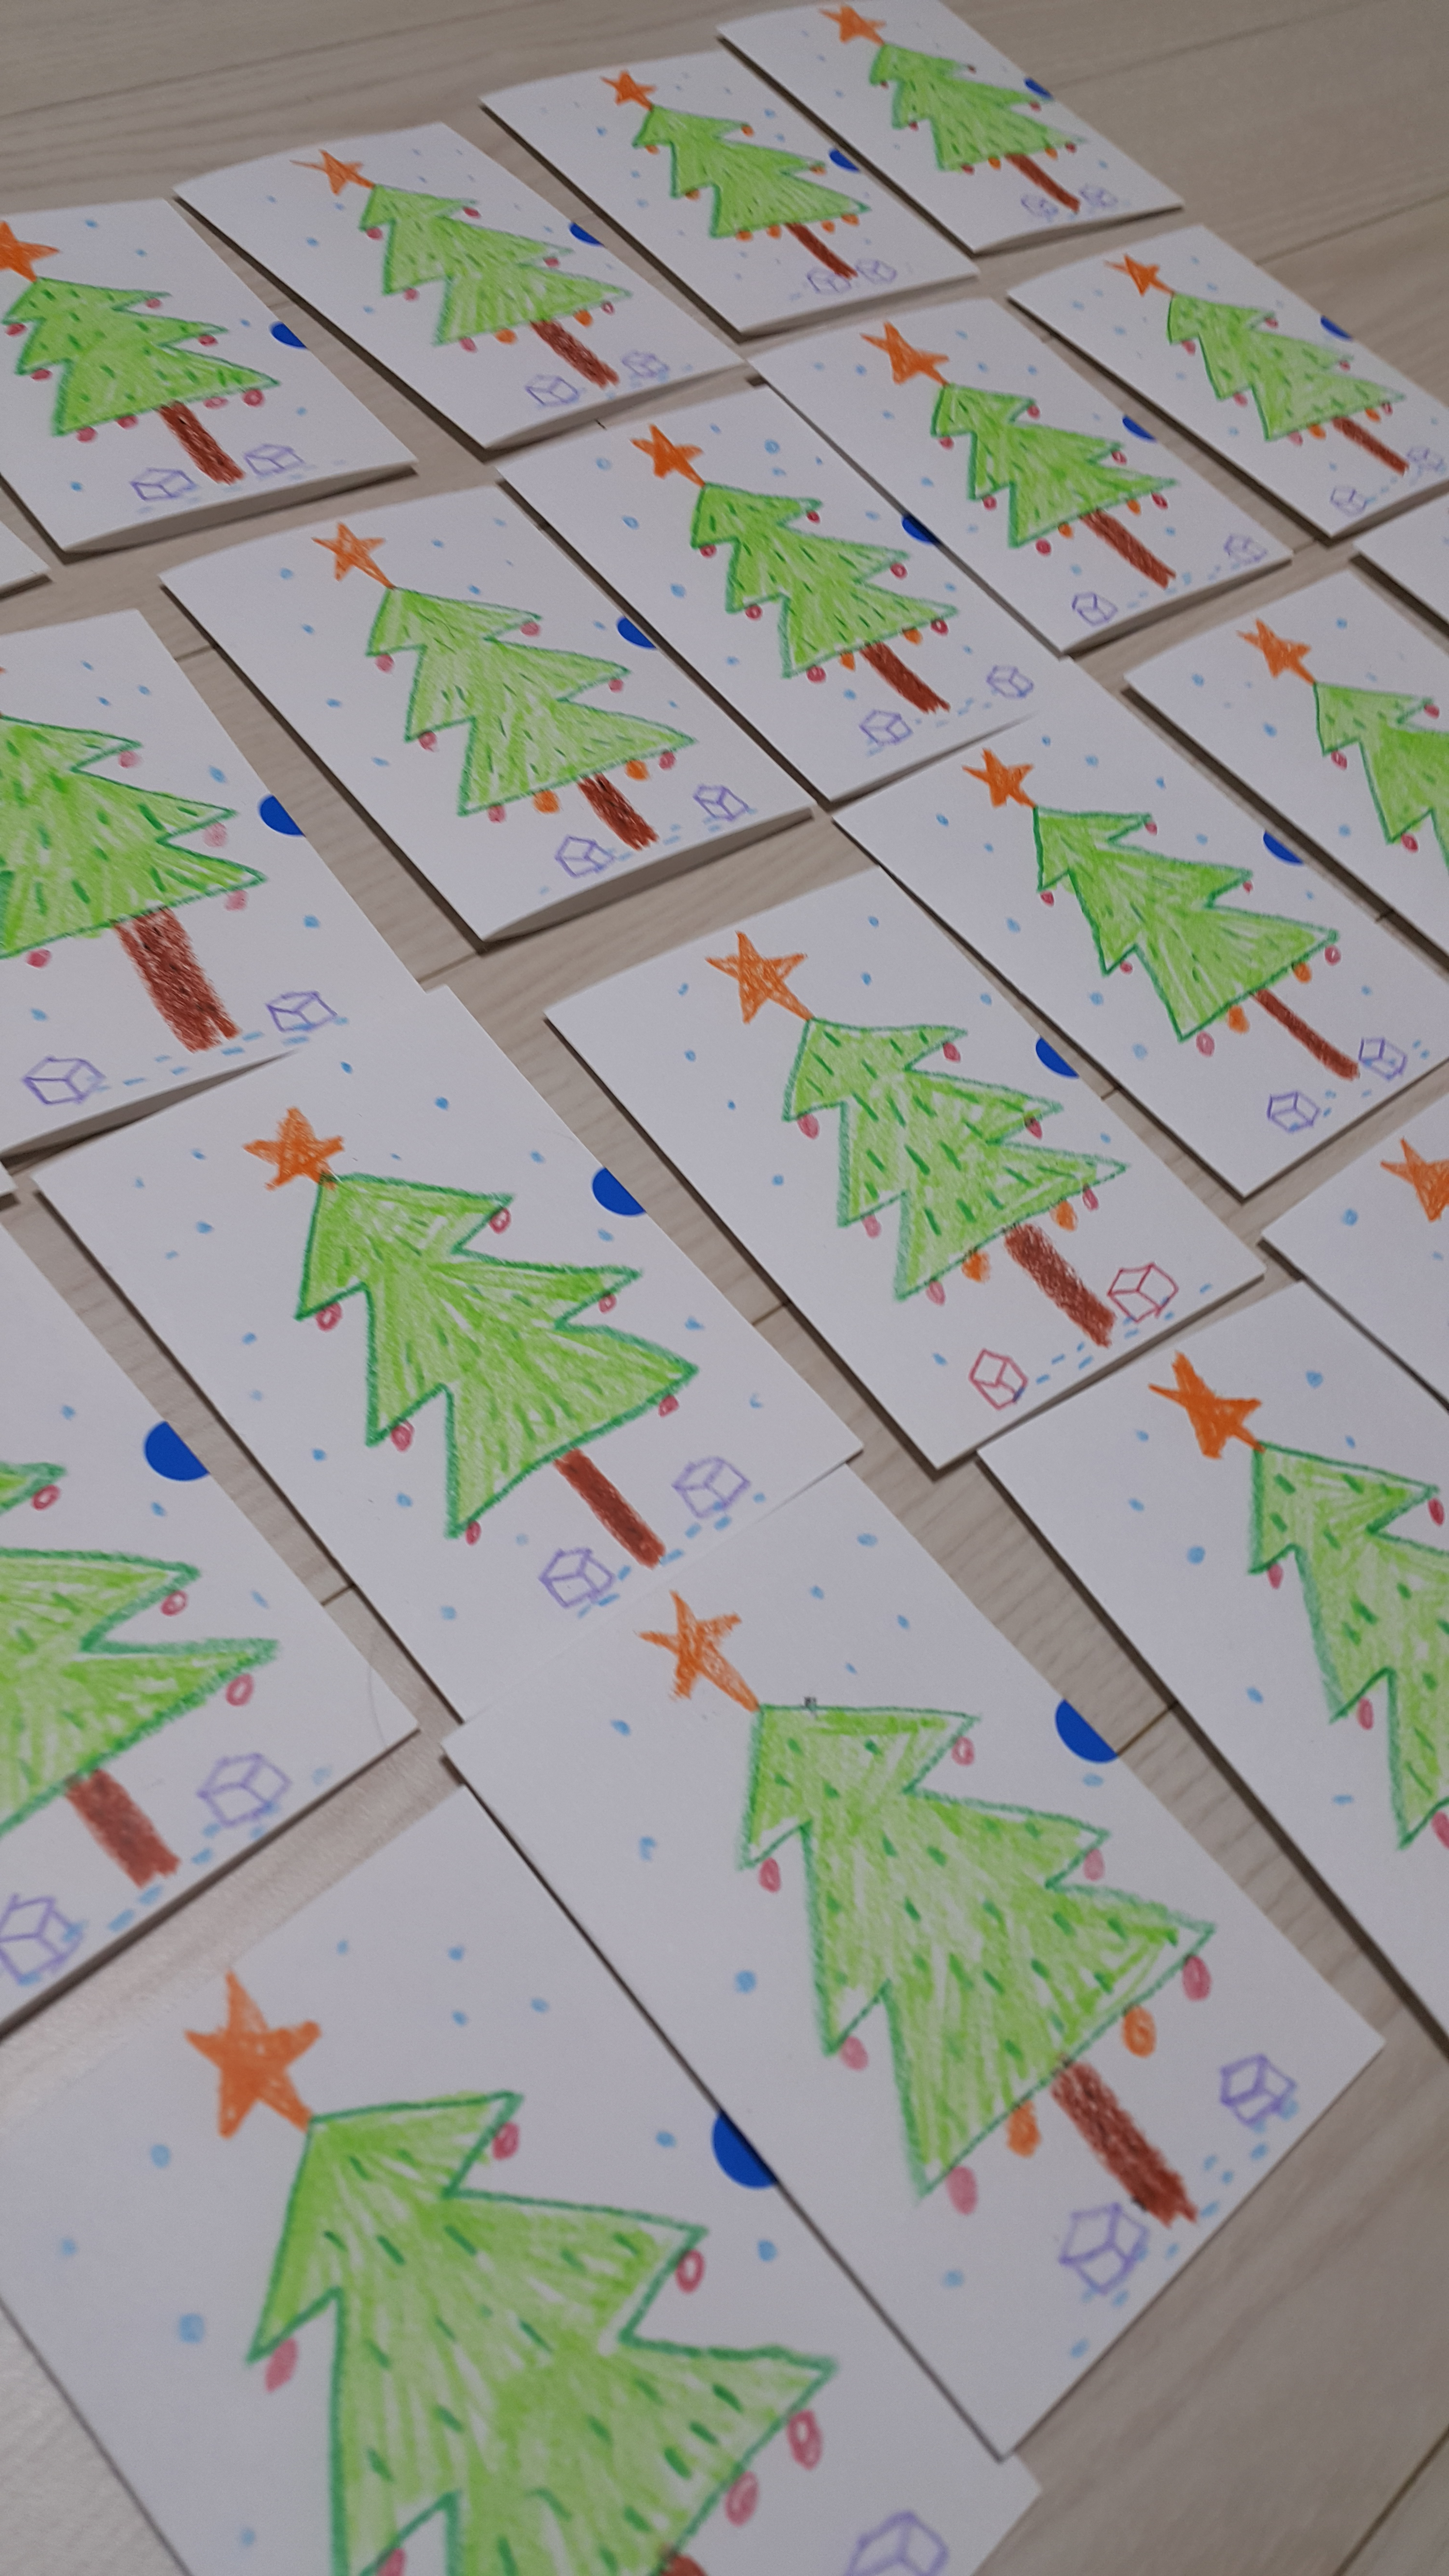 가장 많이 만든 크리스마스 카드